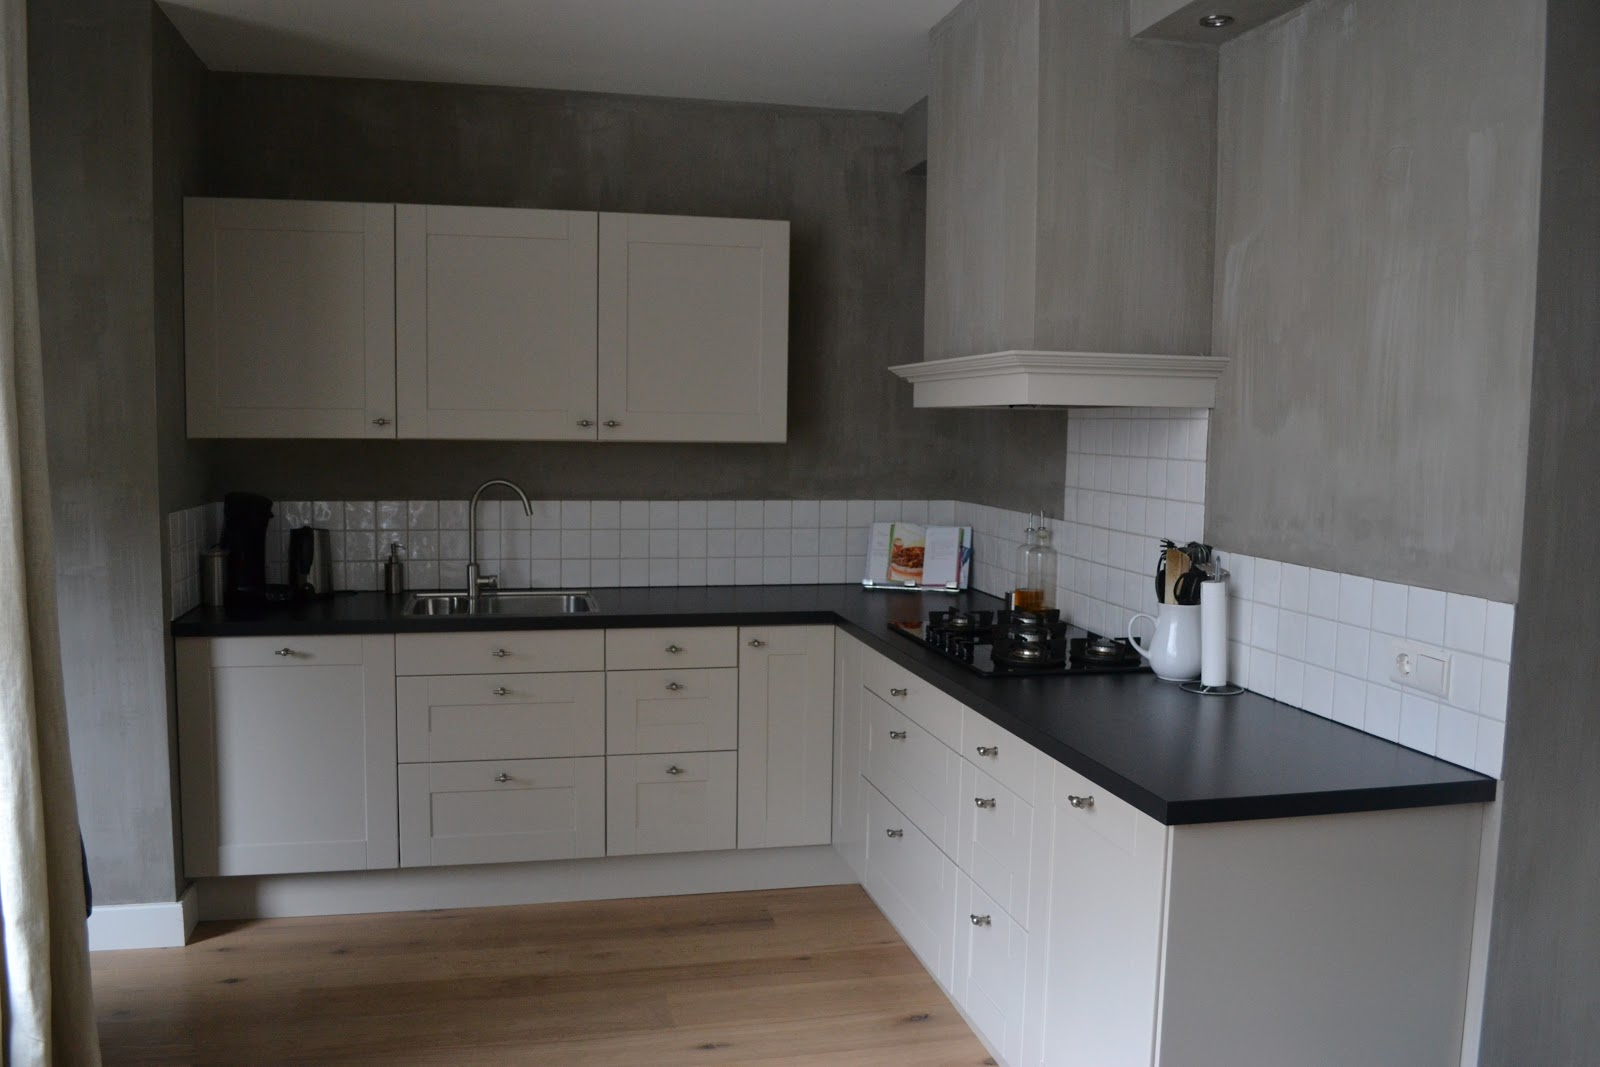 Keuken Lichtgrijs : Vrijdag is onze meubelmaker geweest en die heeft de houten sierrand om